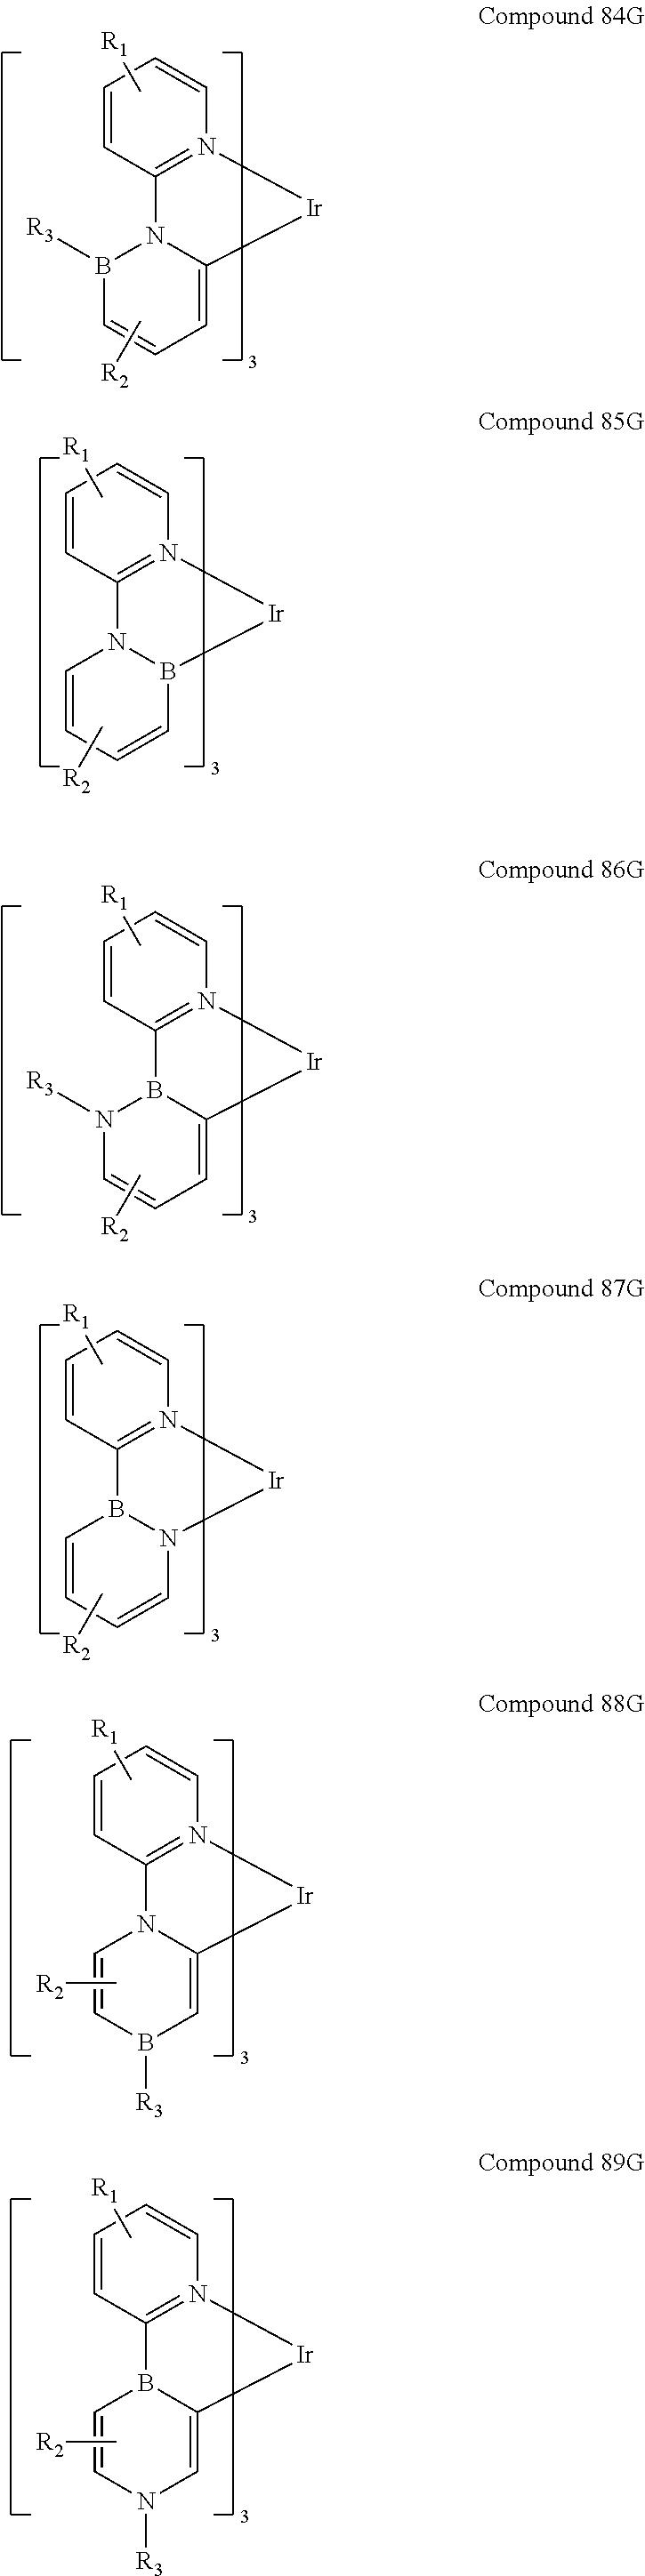 Figure US08586203-20131119-C00114